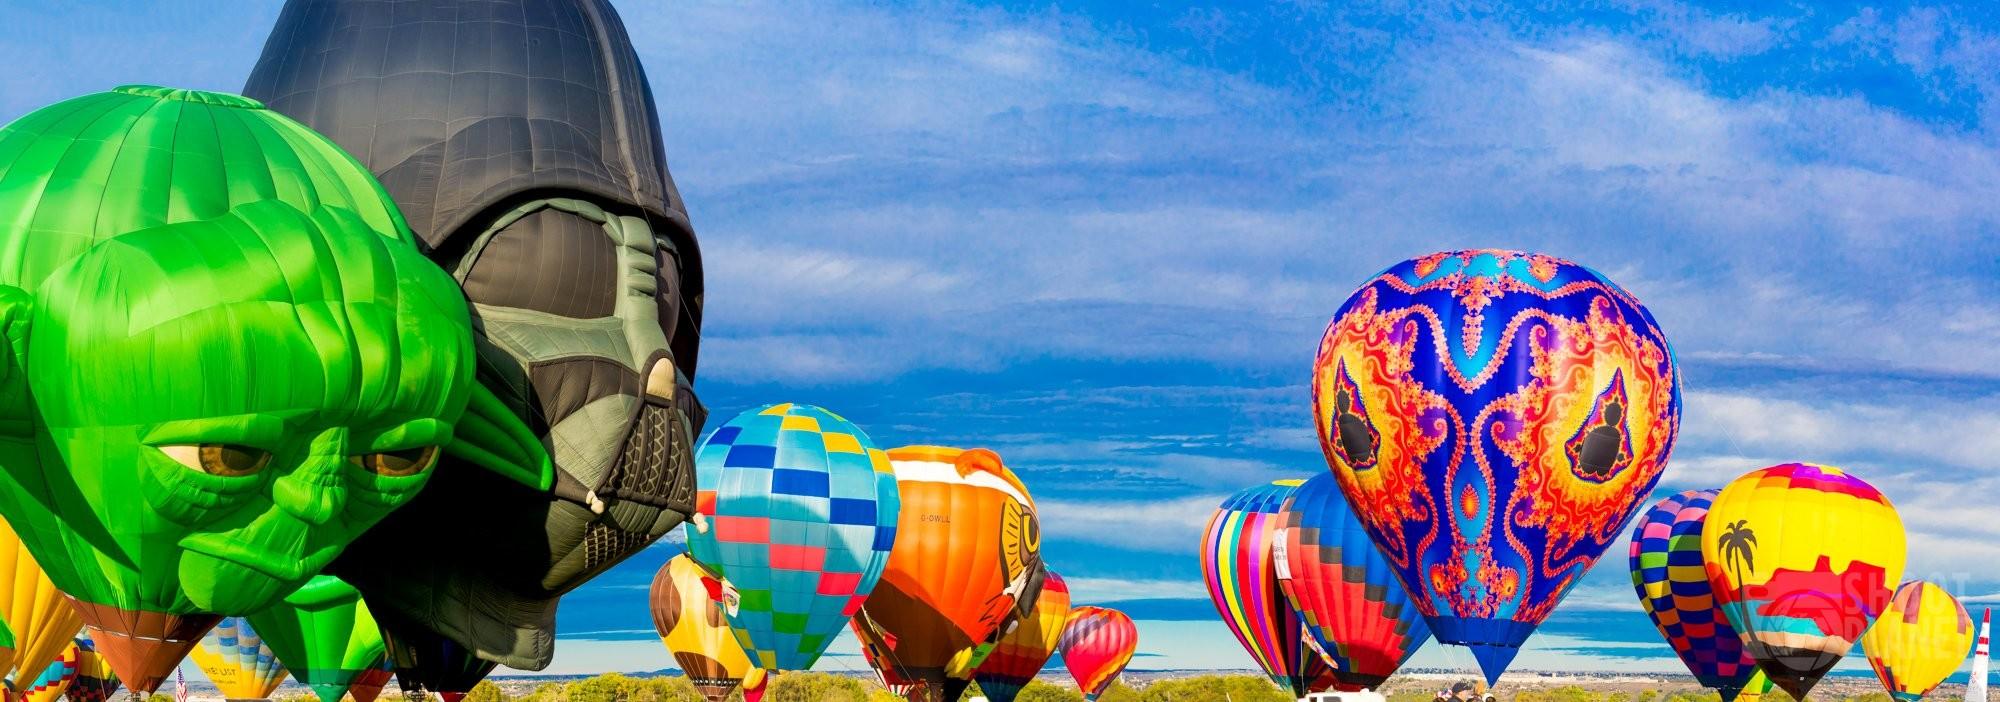 Yoda and Darth Vader balloons, Albuquerque USA